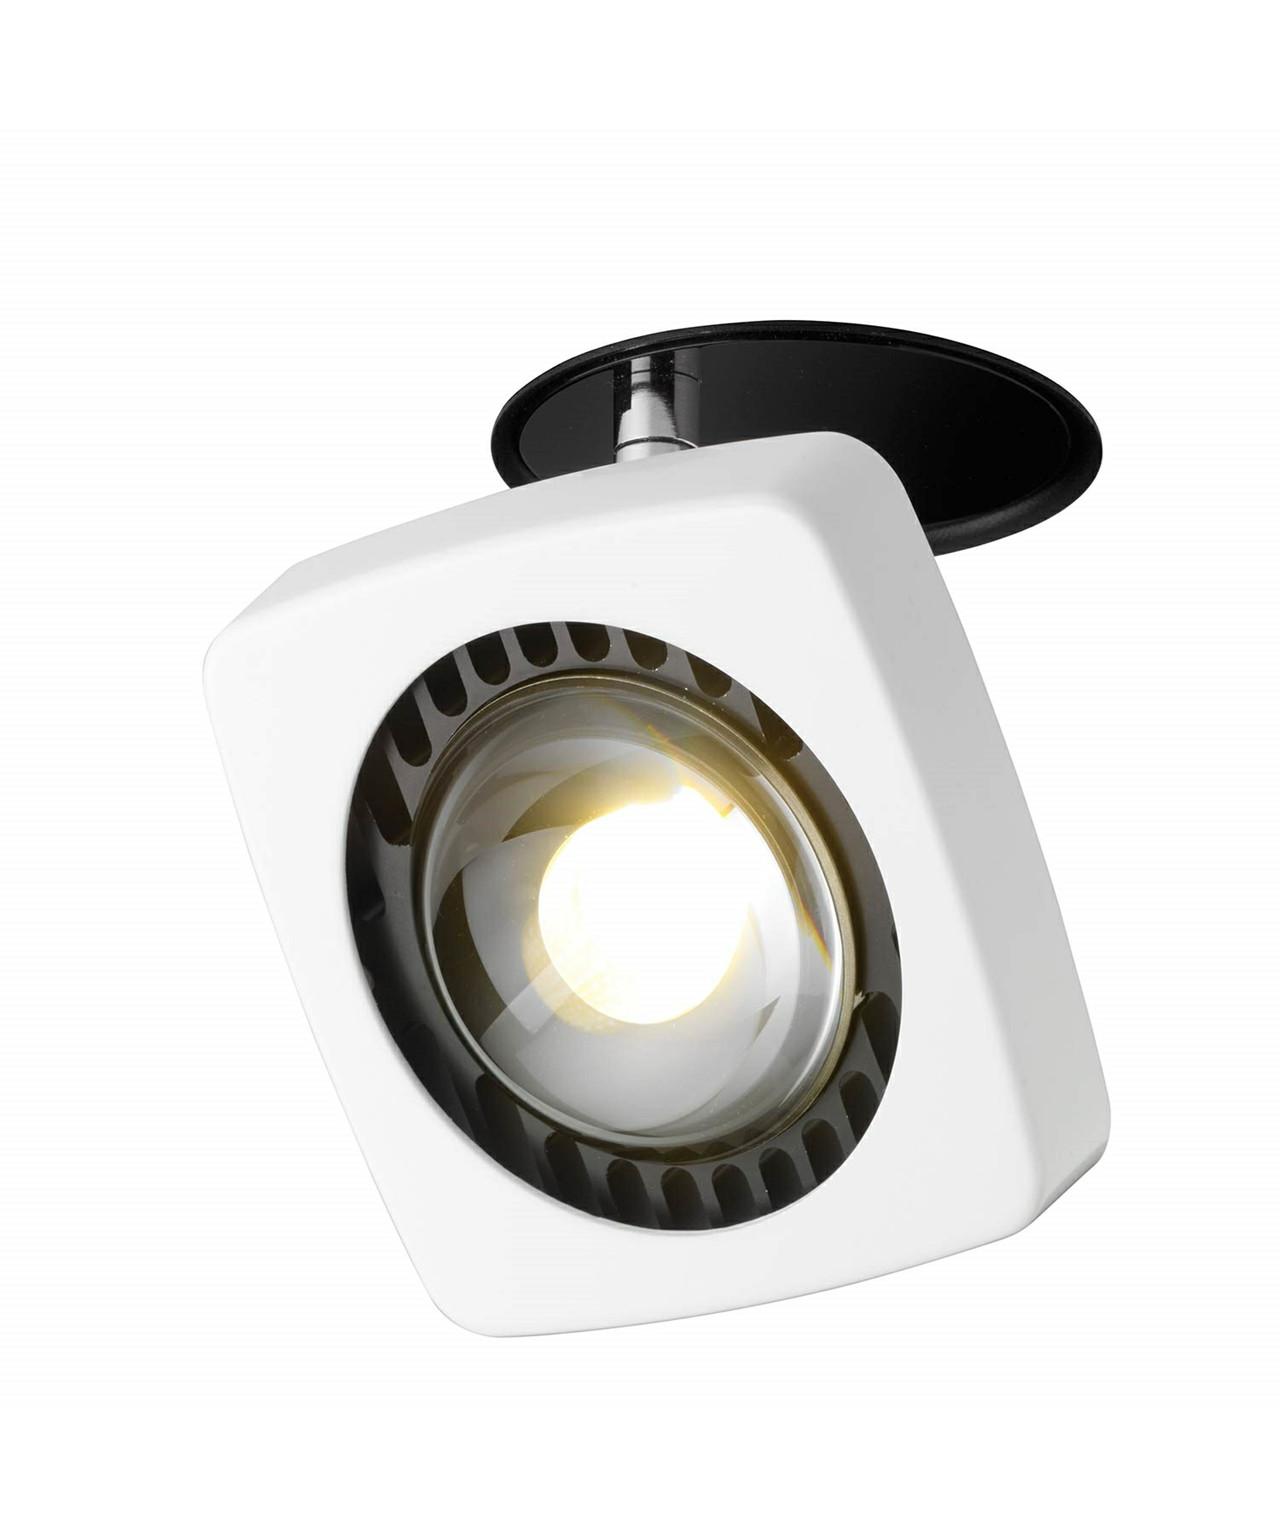 Kelveen loftlampe/væglampe recessed turnable 90°